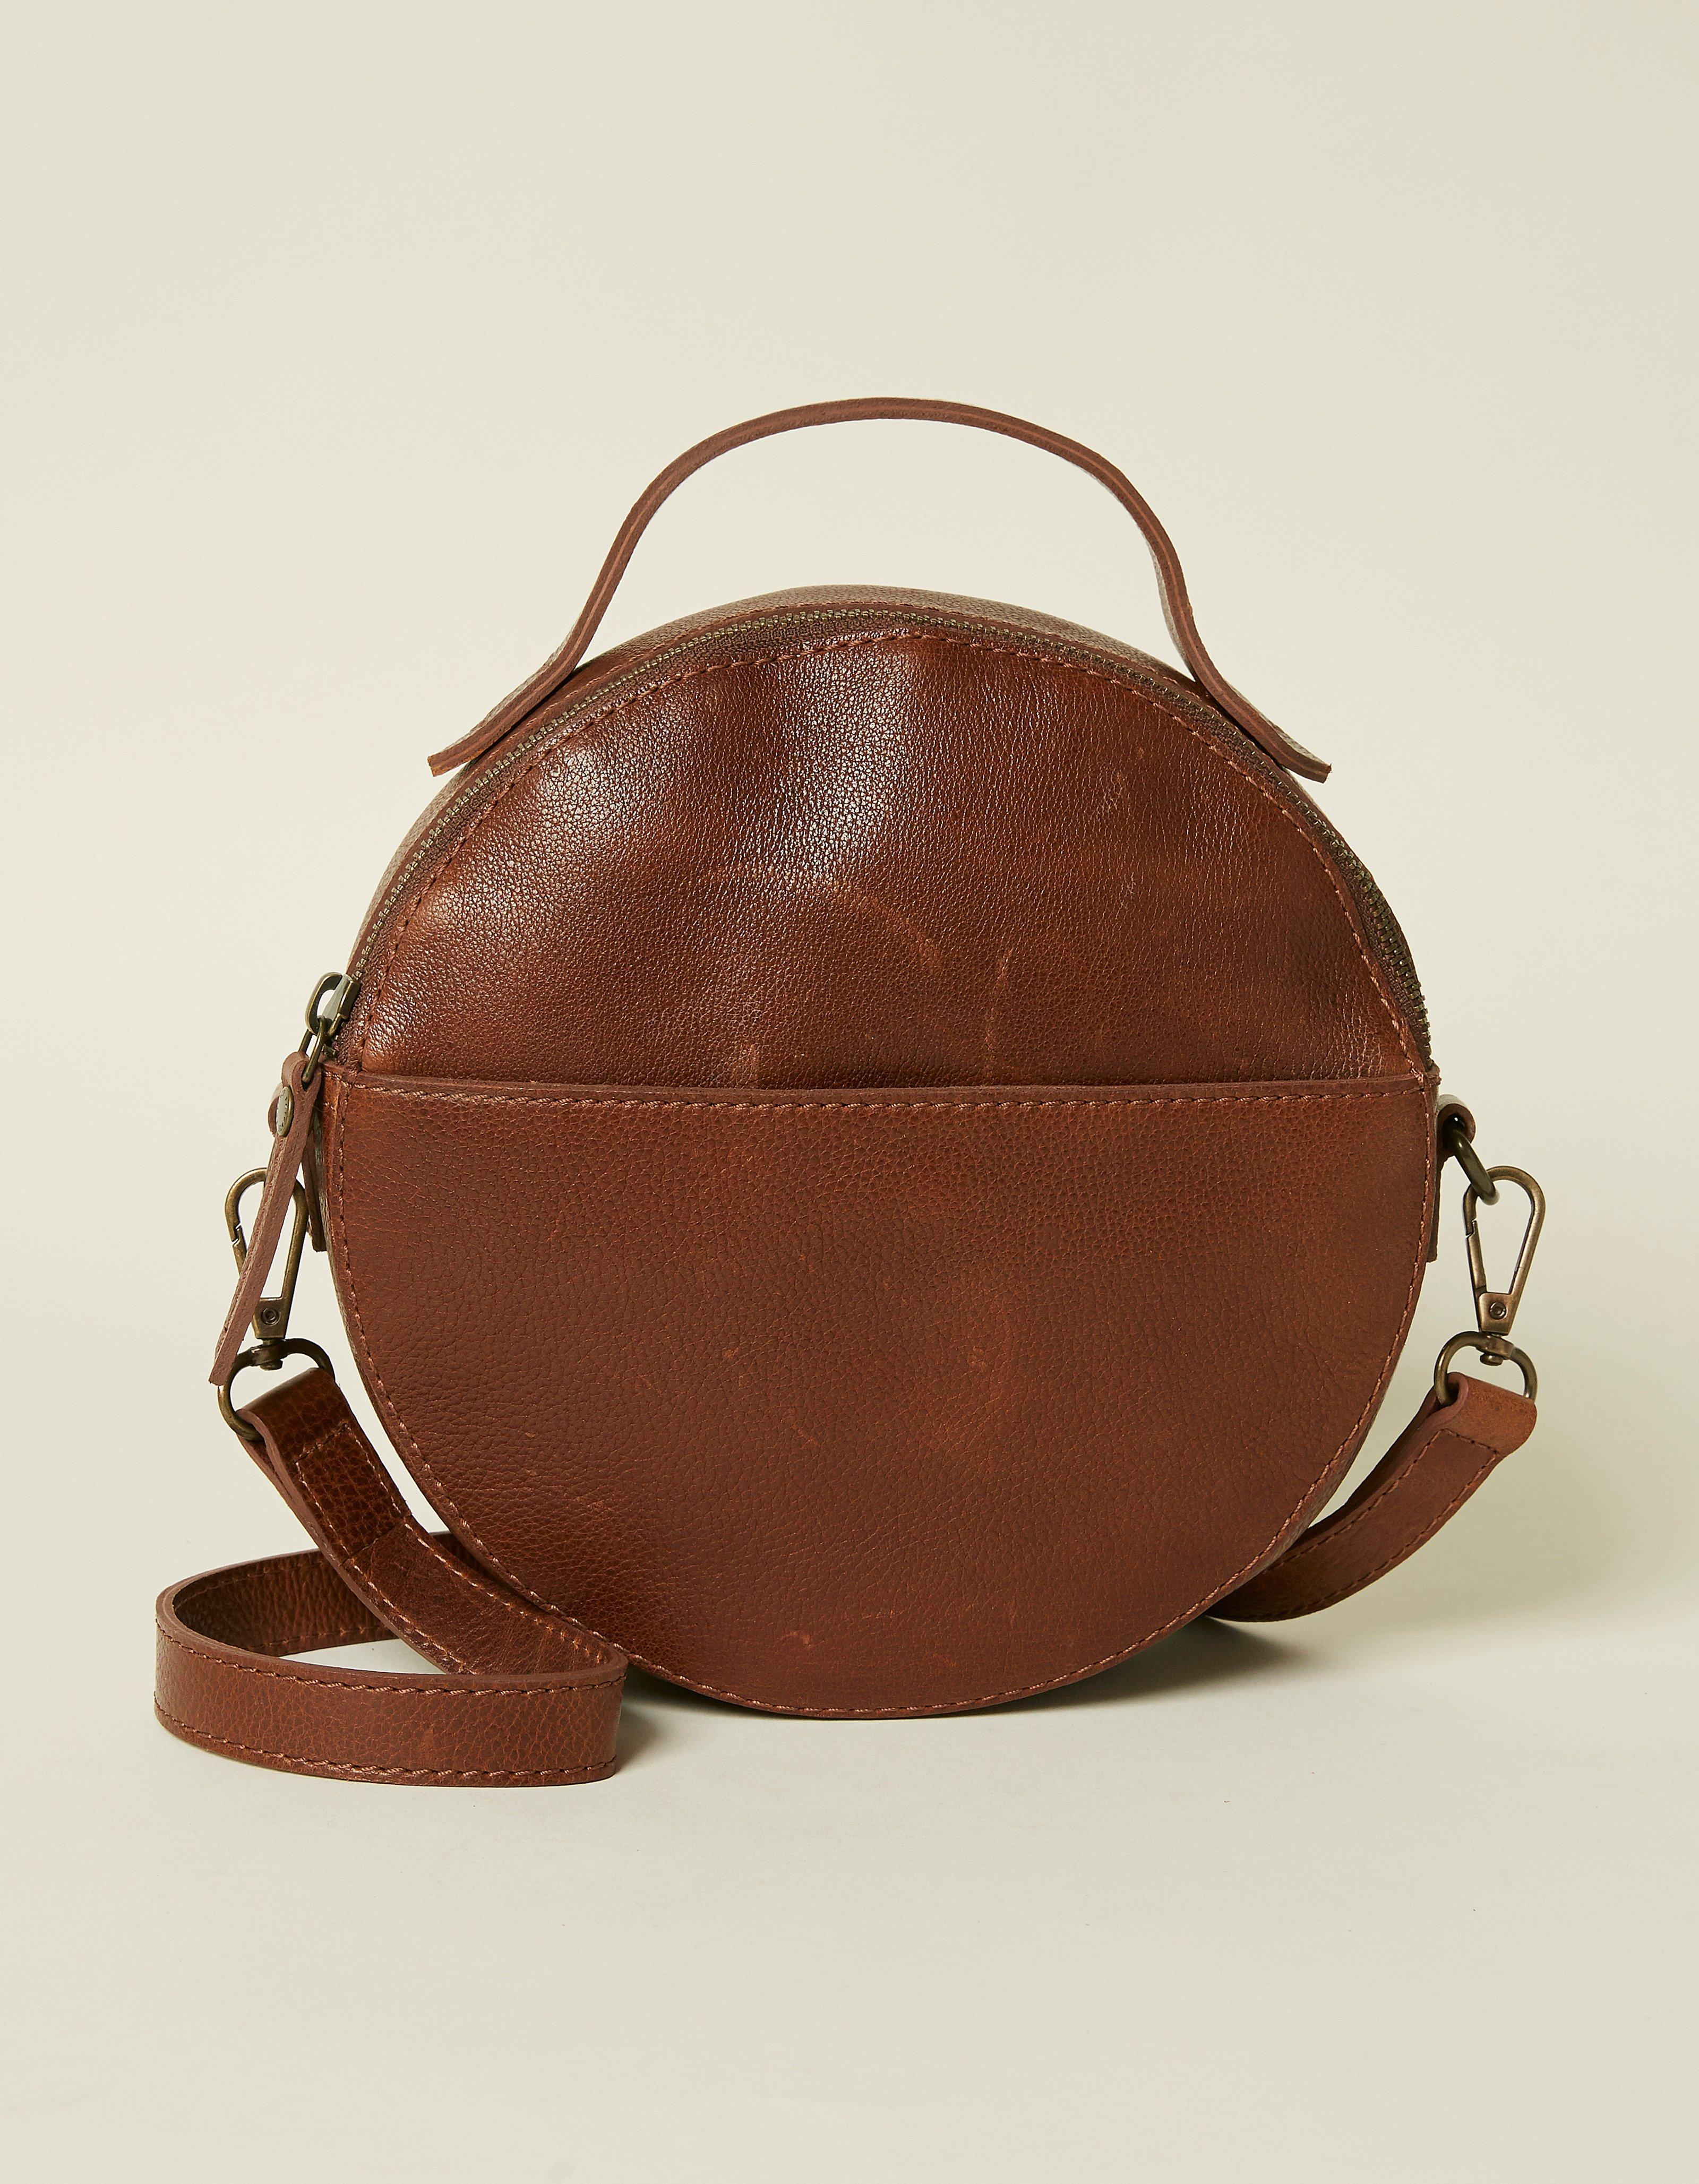 92d76f65588b7 Chestnut Caitlin Circle Cross Body Bag